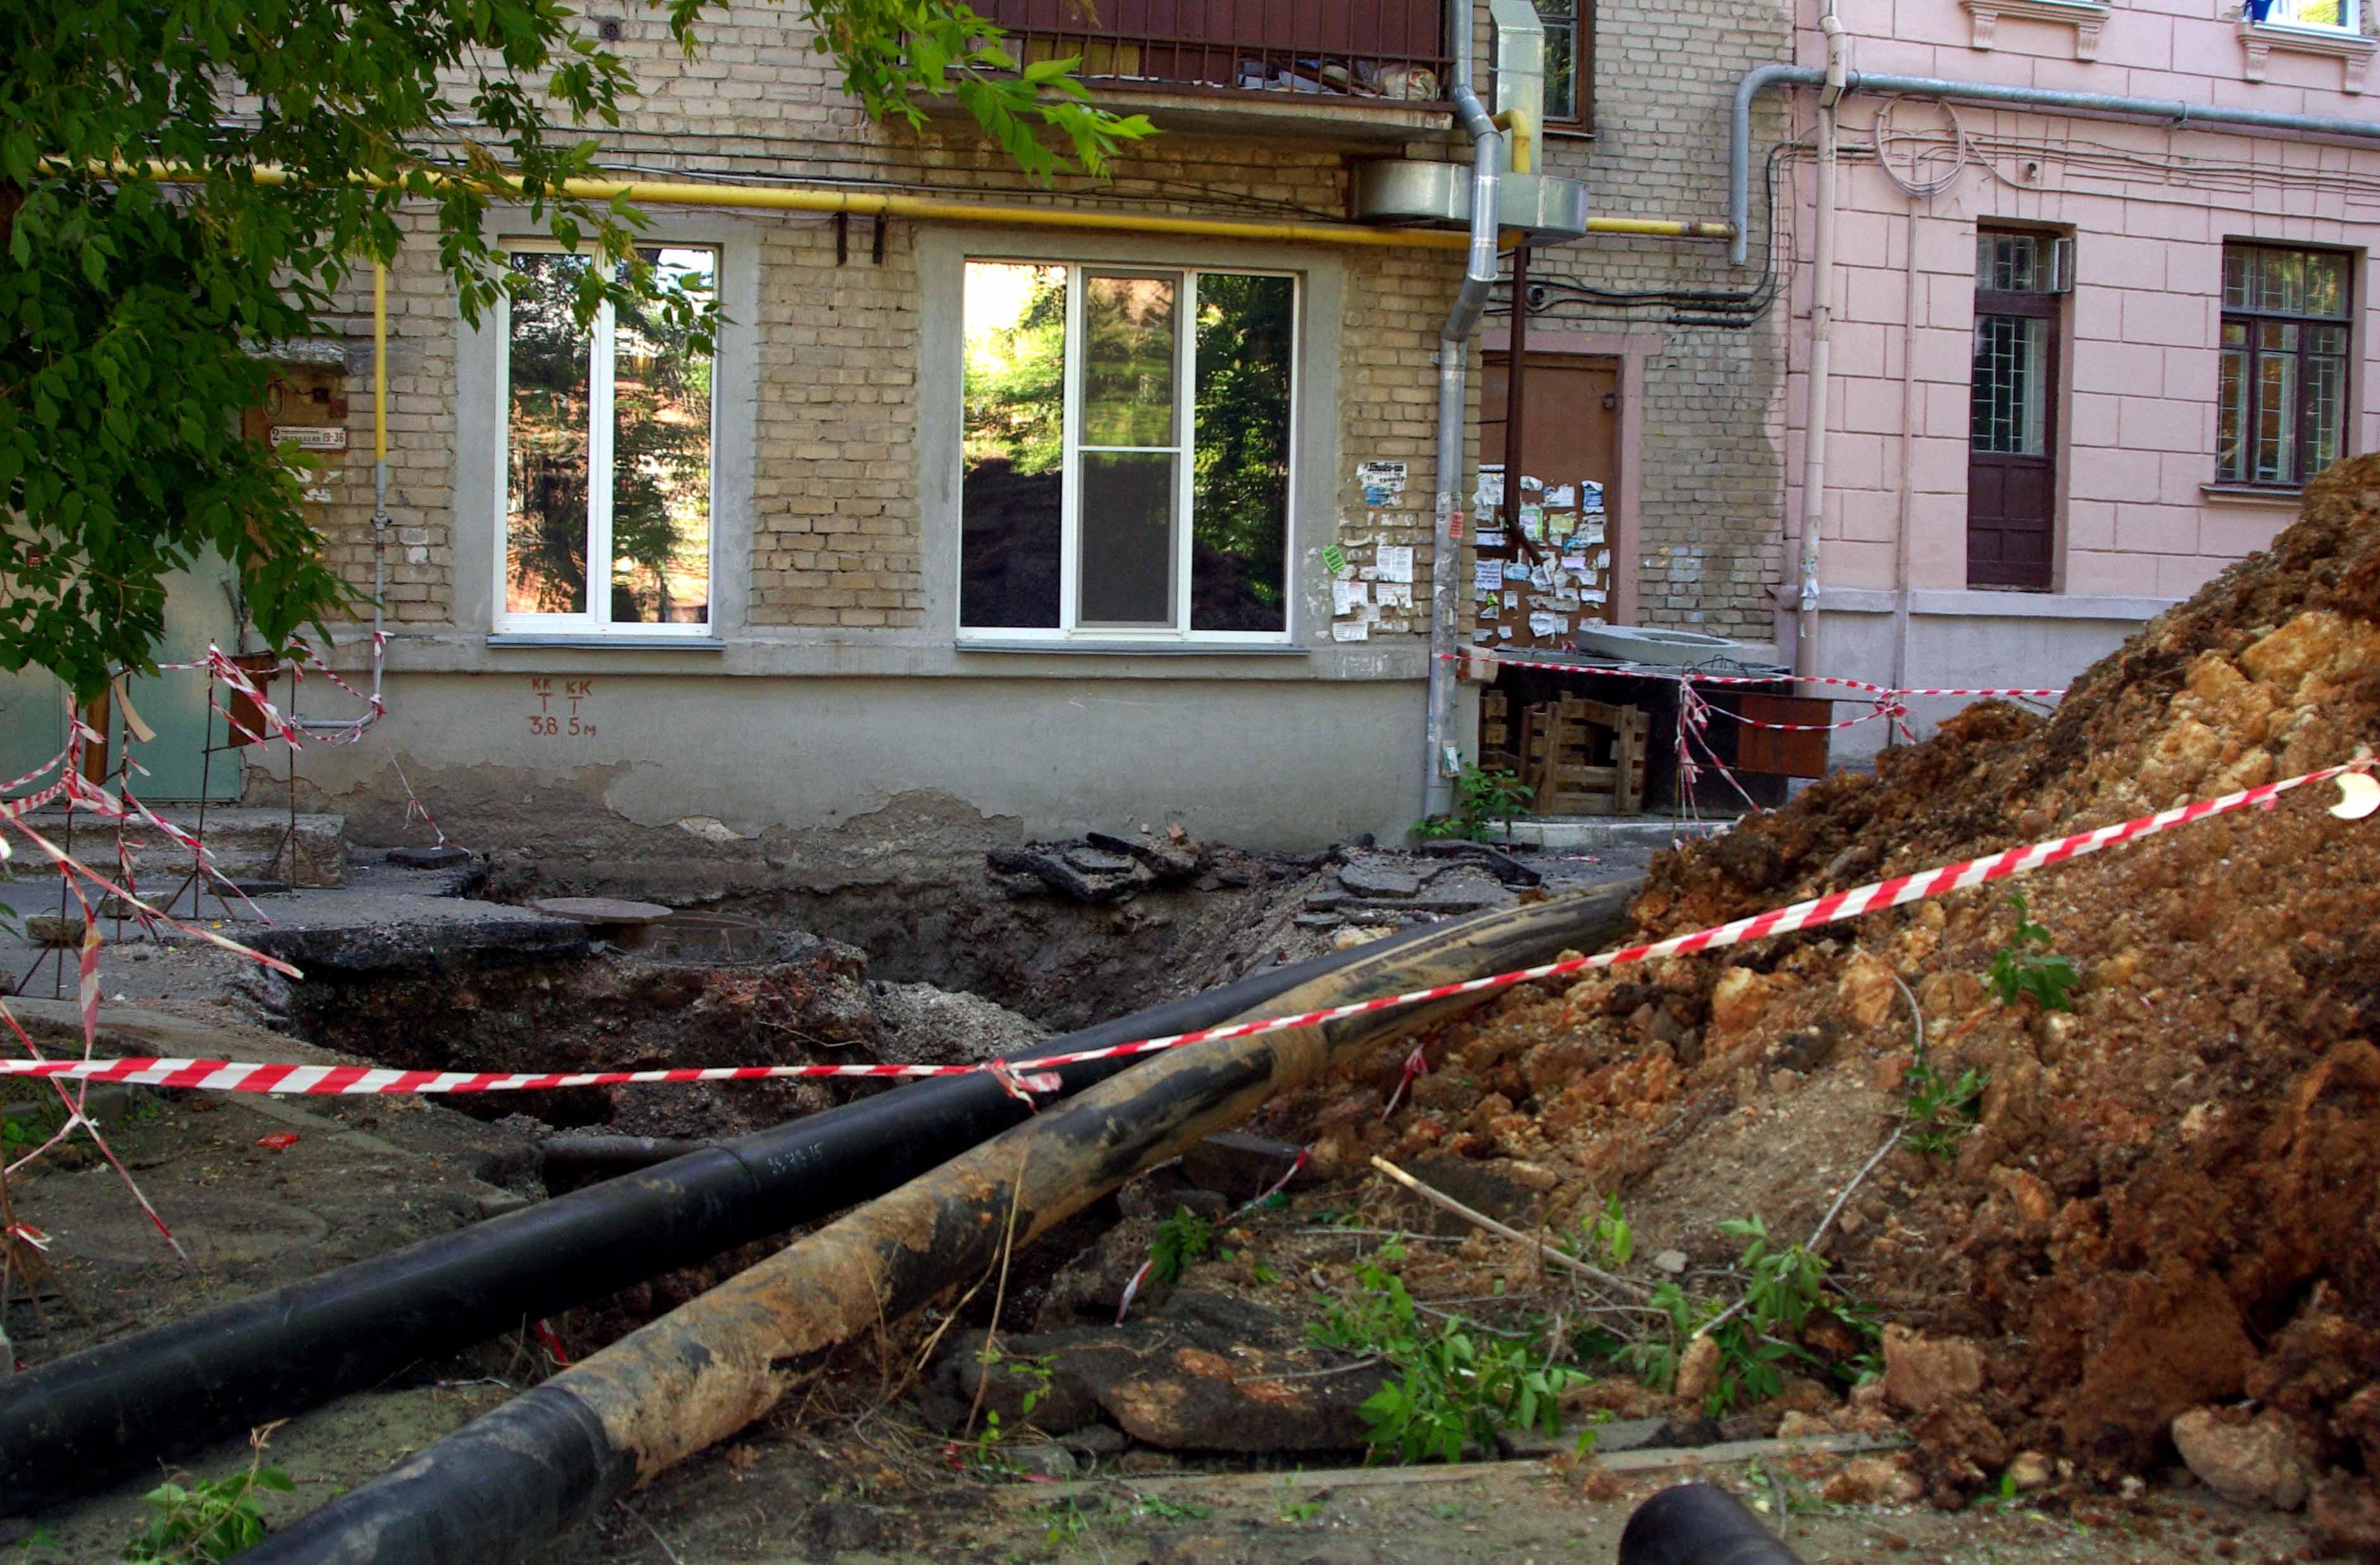 В связи с капитальным ремонтом водопровода вводятся ограничения движения транспорта в Калининском